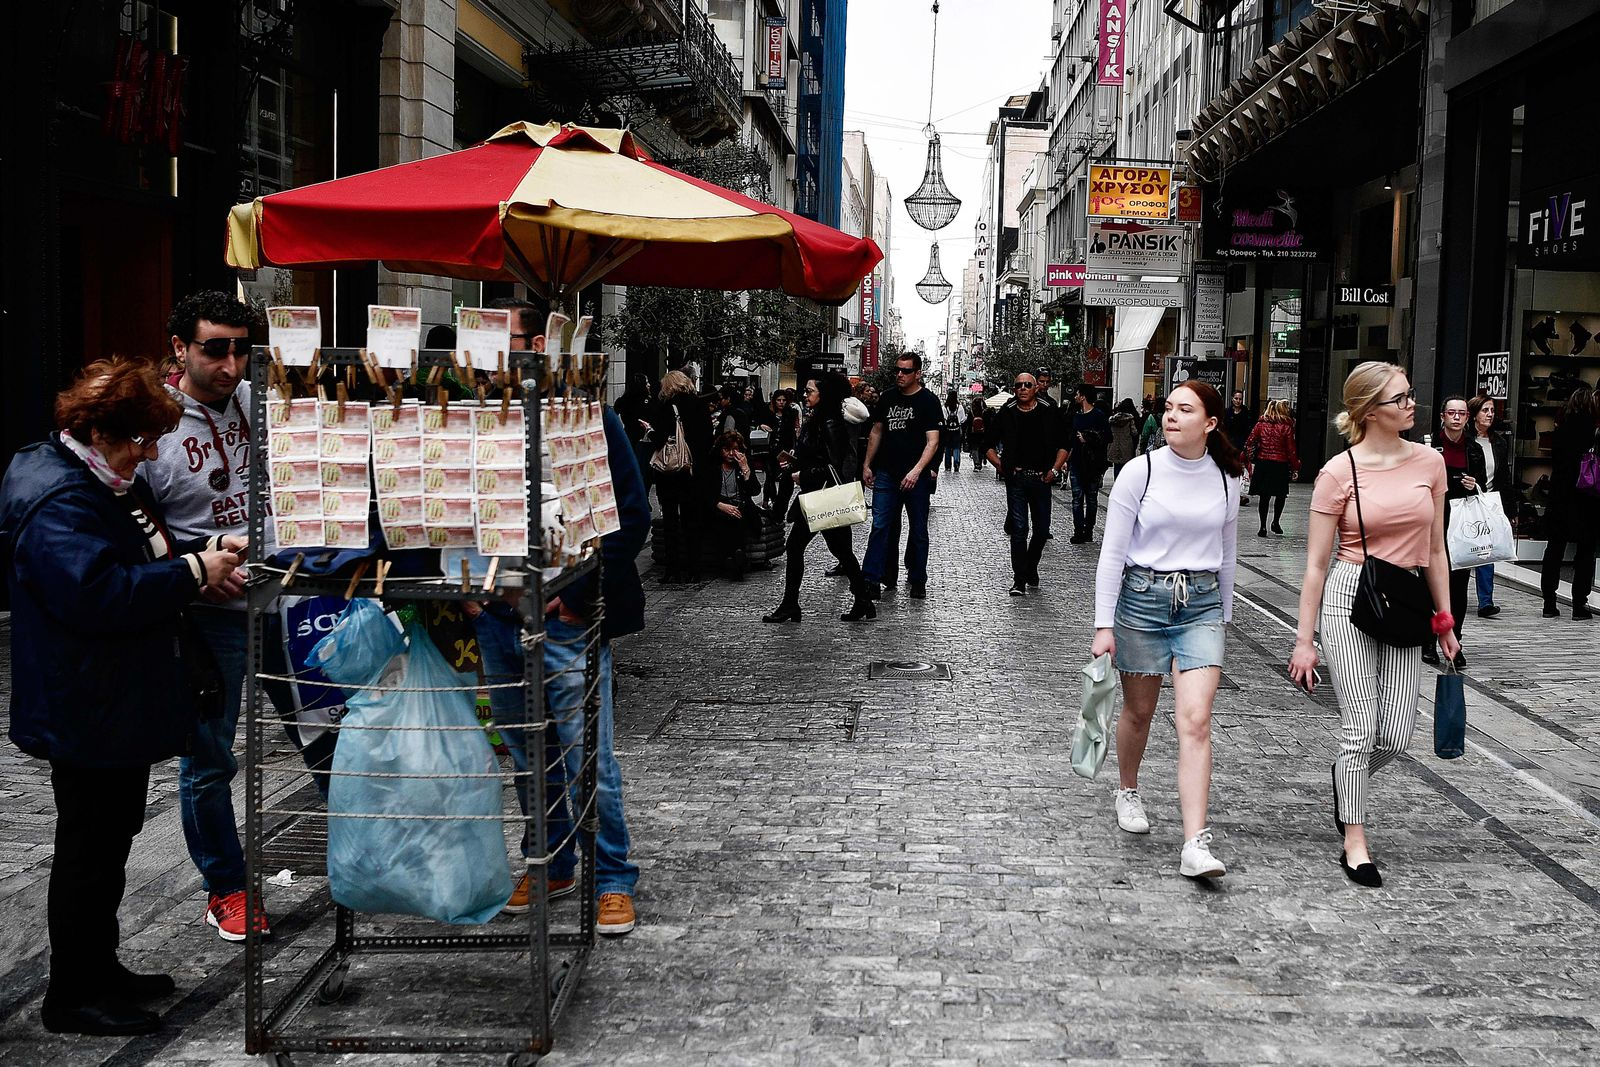 Griechenland / Konjunktur / Wirtschaft / Tourismus